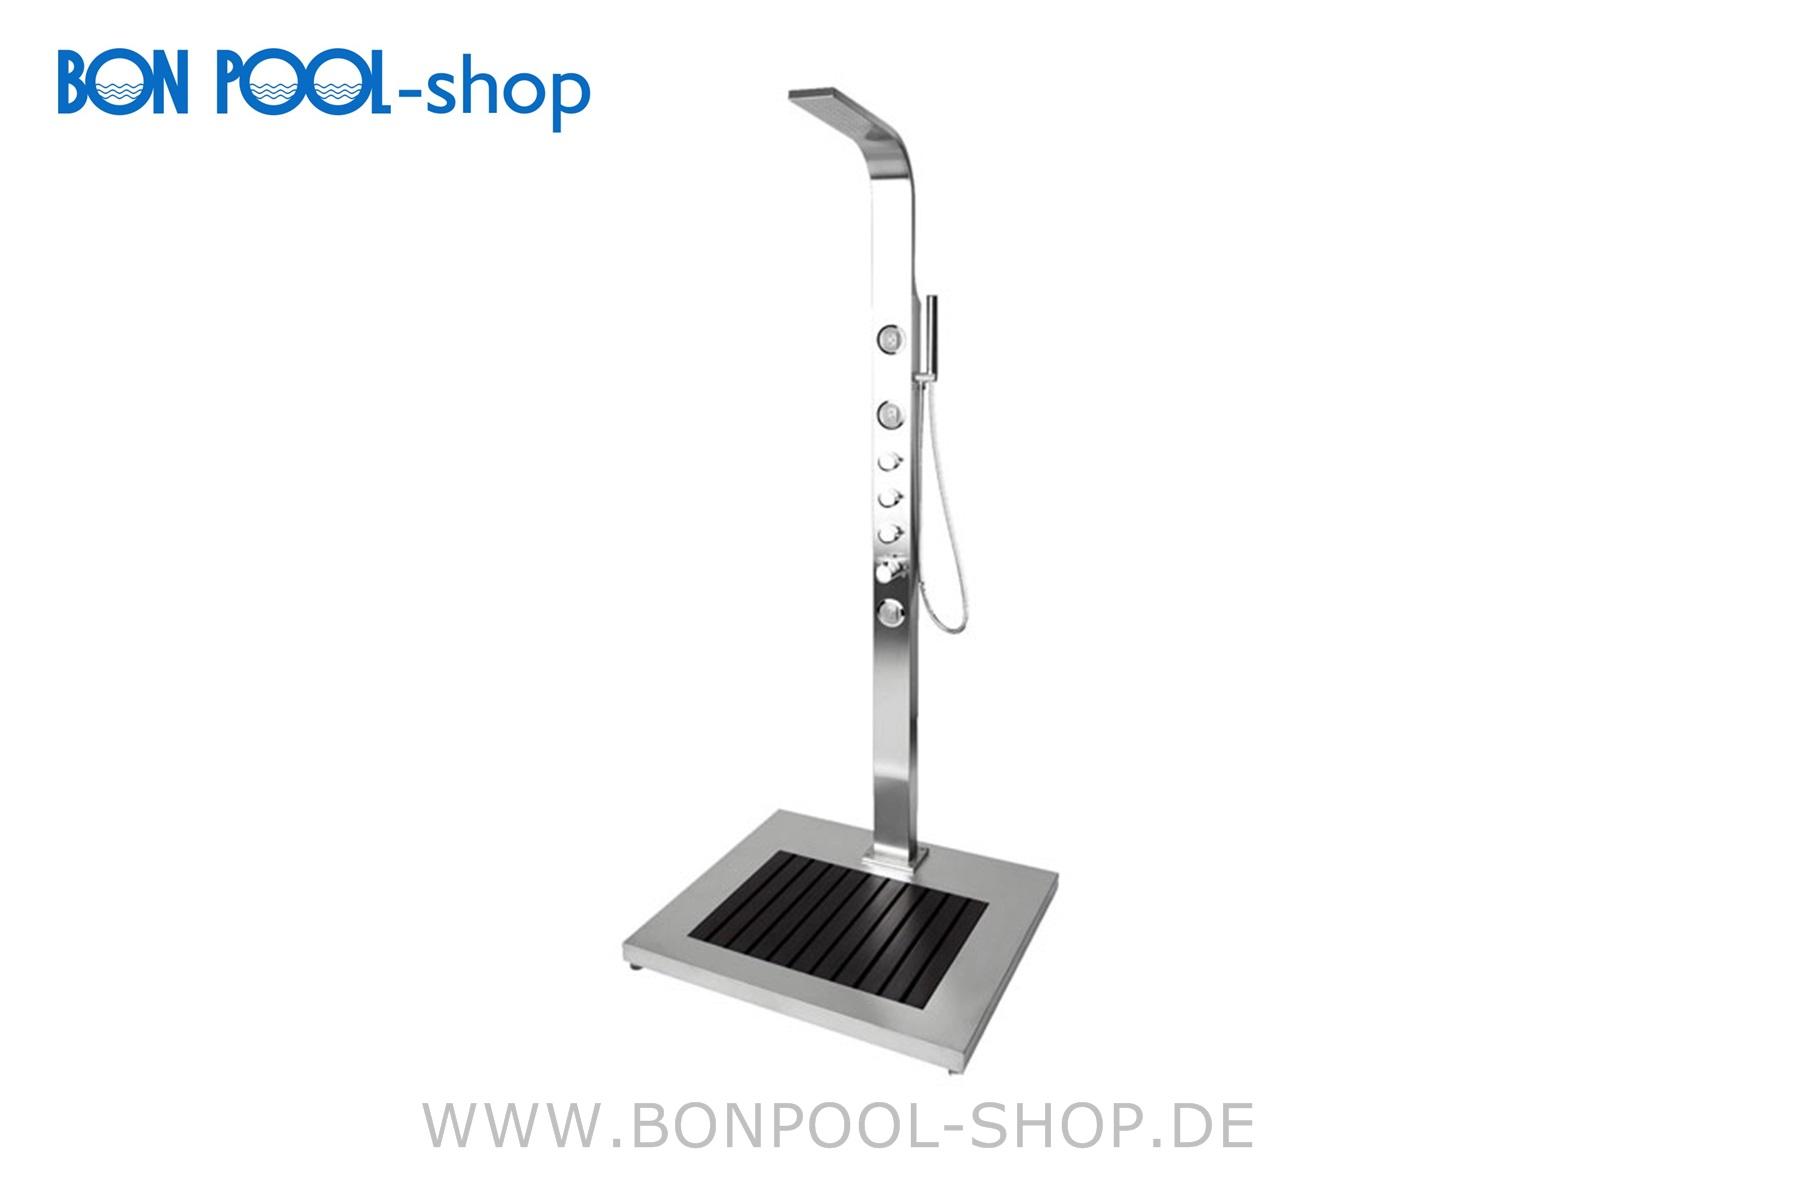 Dusche Garten Warmwasser : Kalt- & Warmwasser Garten Dusche Helena BON POOL